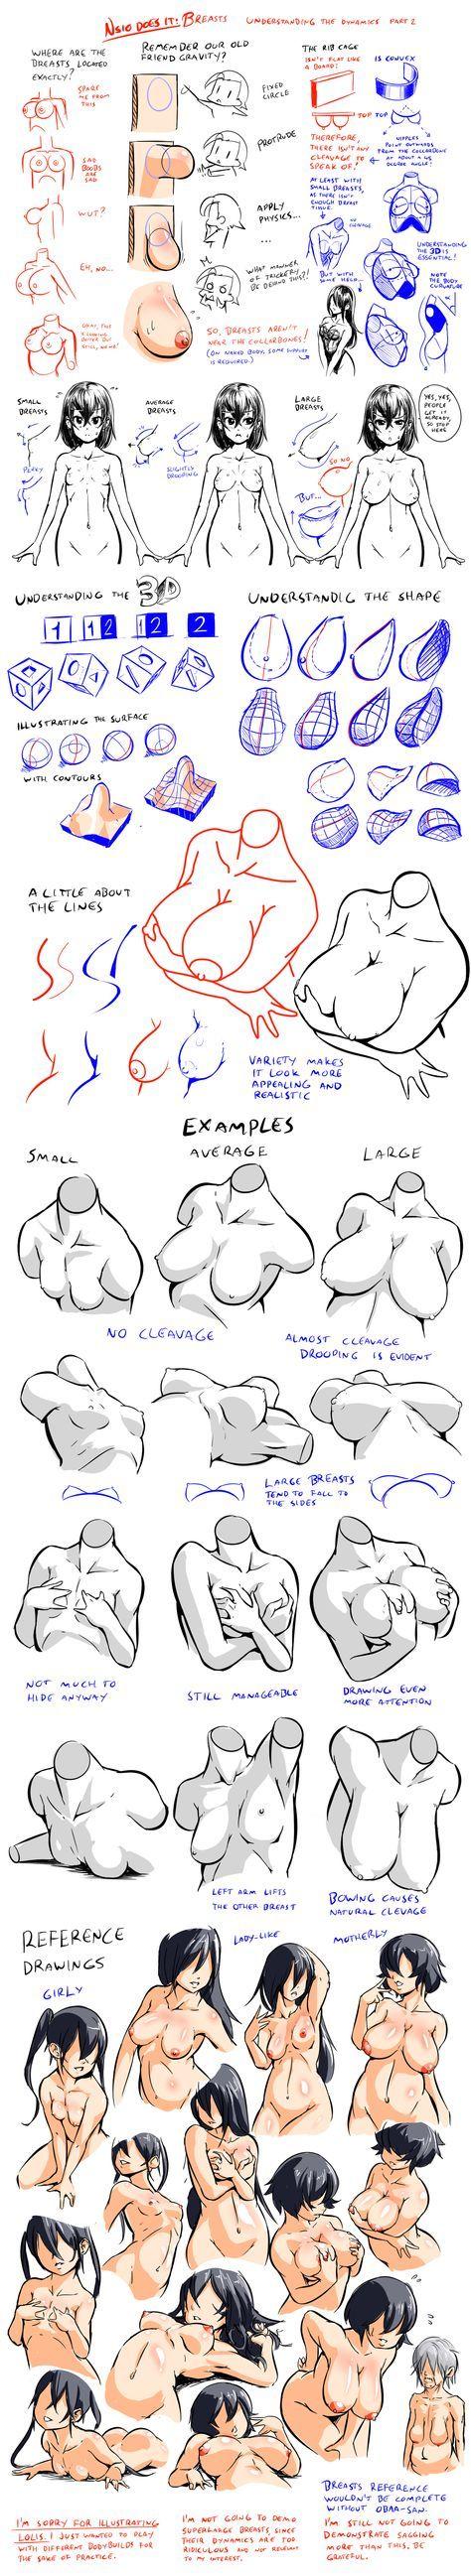 Tuto-Sketch: Estudio de la mujer. Pecho.